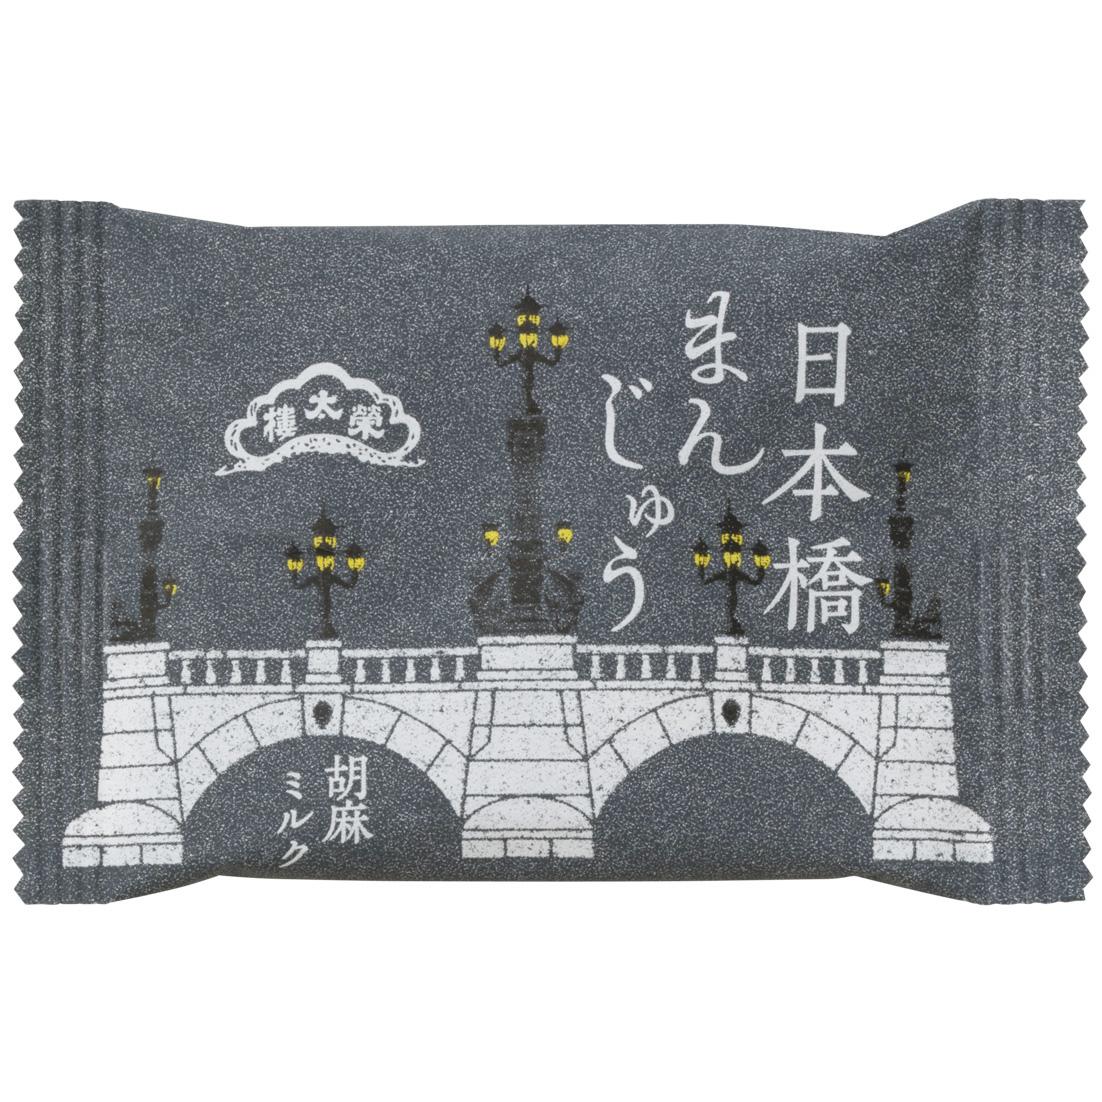 榮太樓 日本橋まんじゅう 胡麻ミルク 1個